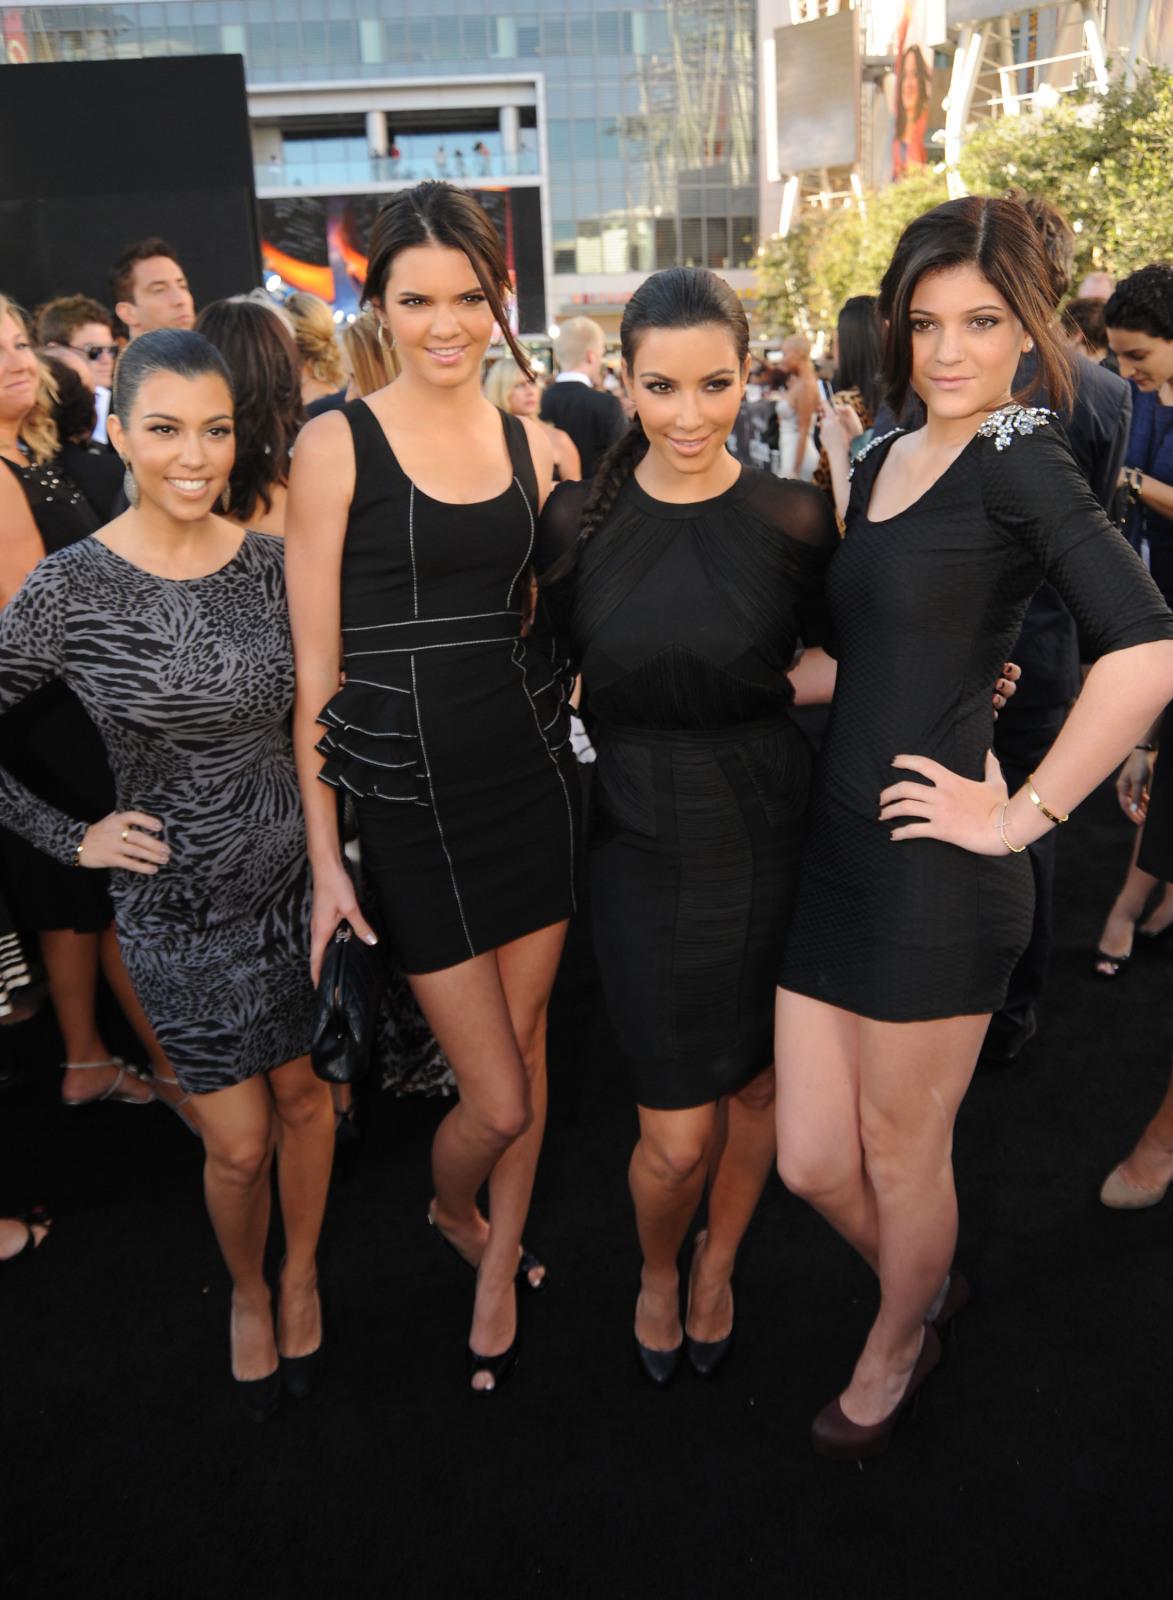 http://1.bp.blogspot.com/_ZRj5nlc3sp8/TCbWPwDFwTI/AAAAAAAAJ64/qlbH8Zg0_j4/s1600/Kardashians+at+The+Twilight+Saga++Premiere+1.jpg